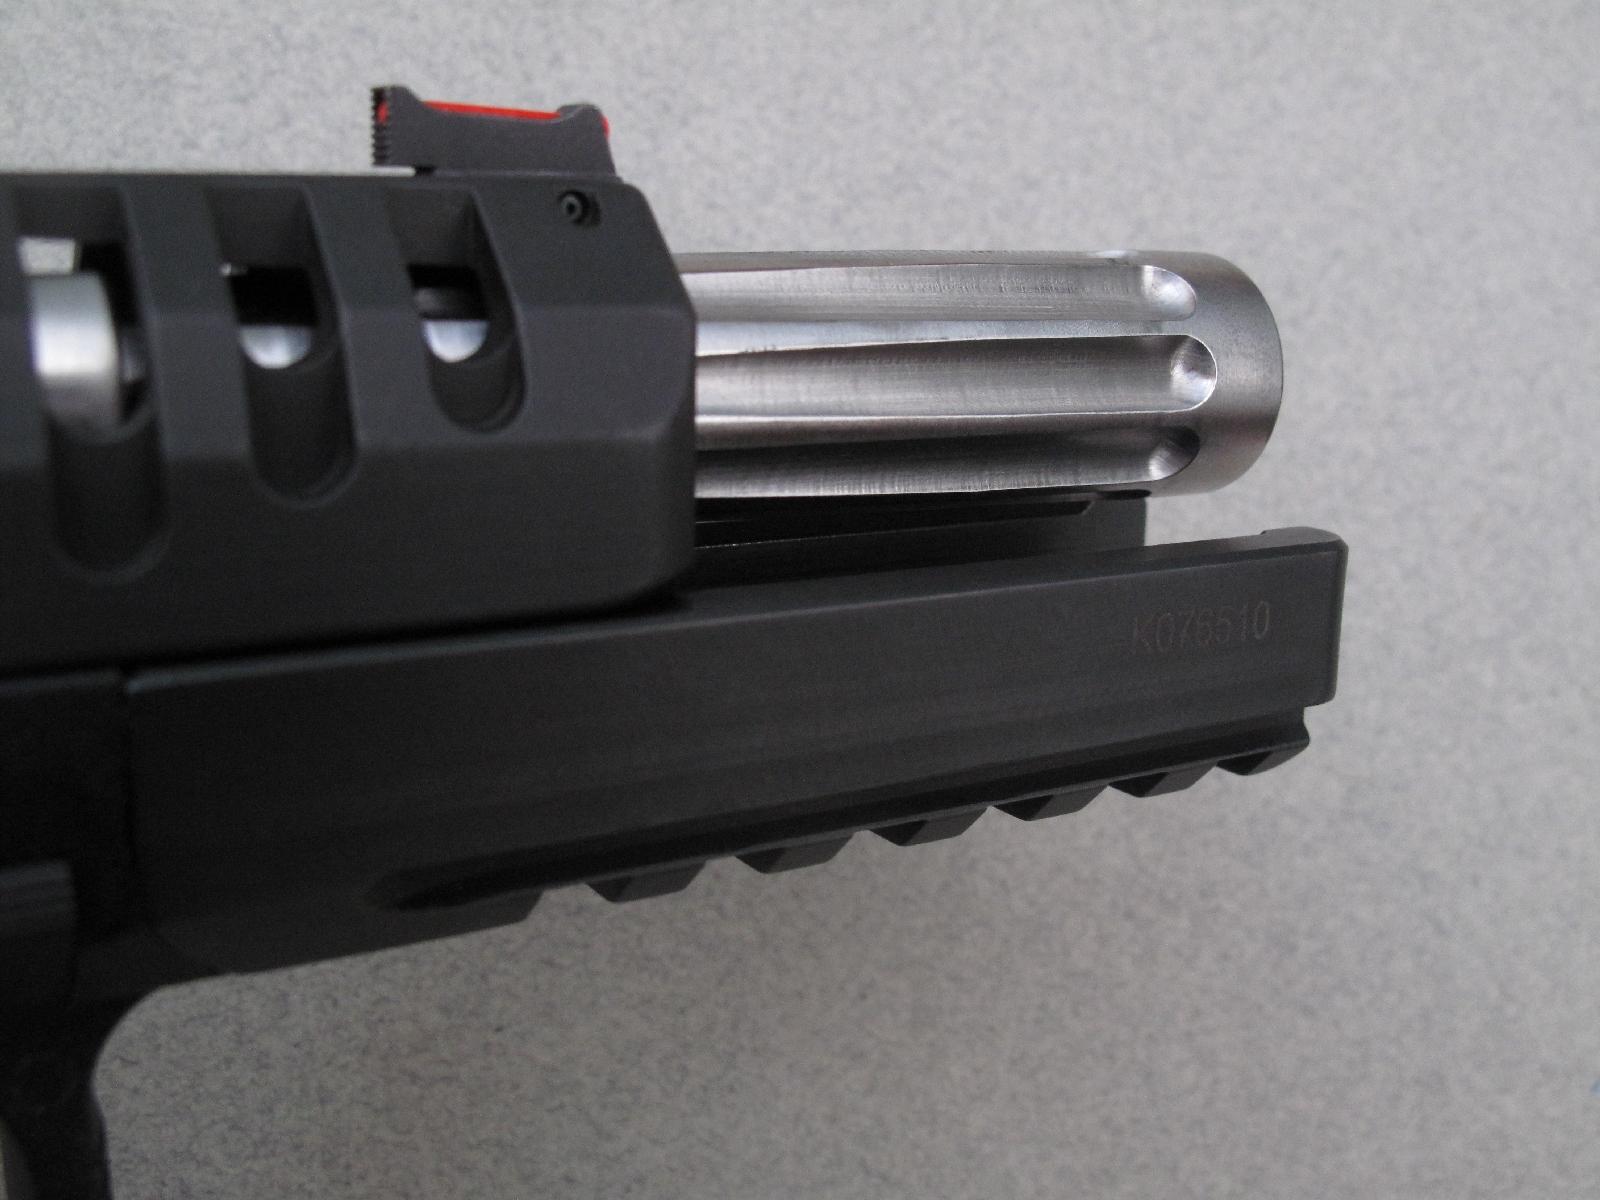 Cette vue de l'arme culasse ouverte permet de mieux observer son canon évasé et cannelé, usiné dans un lourd barreau d'acier au chrome-vanadium.